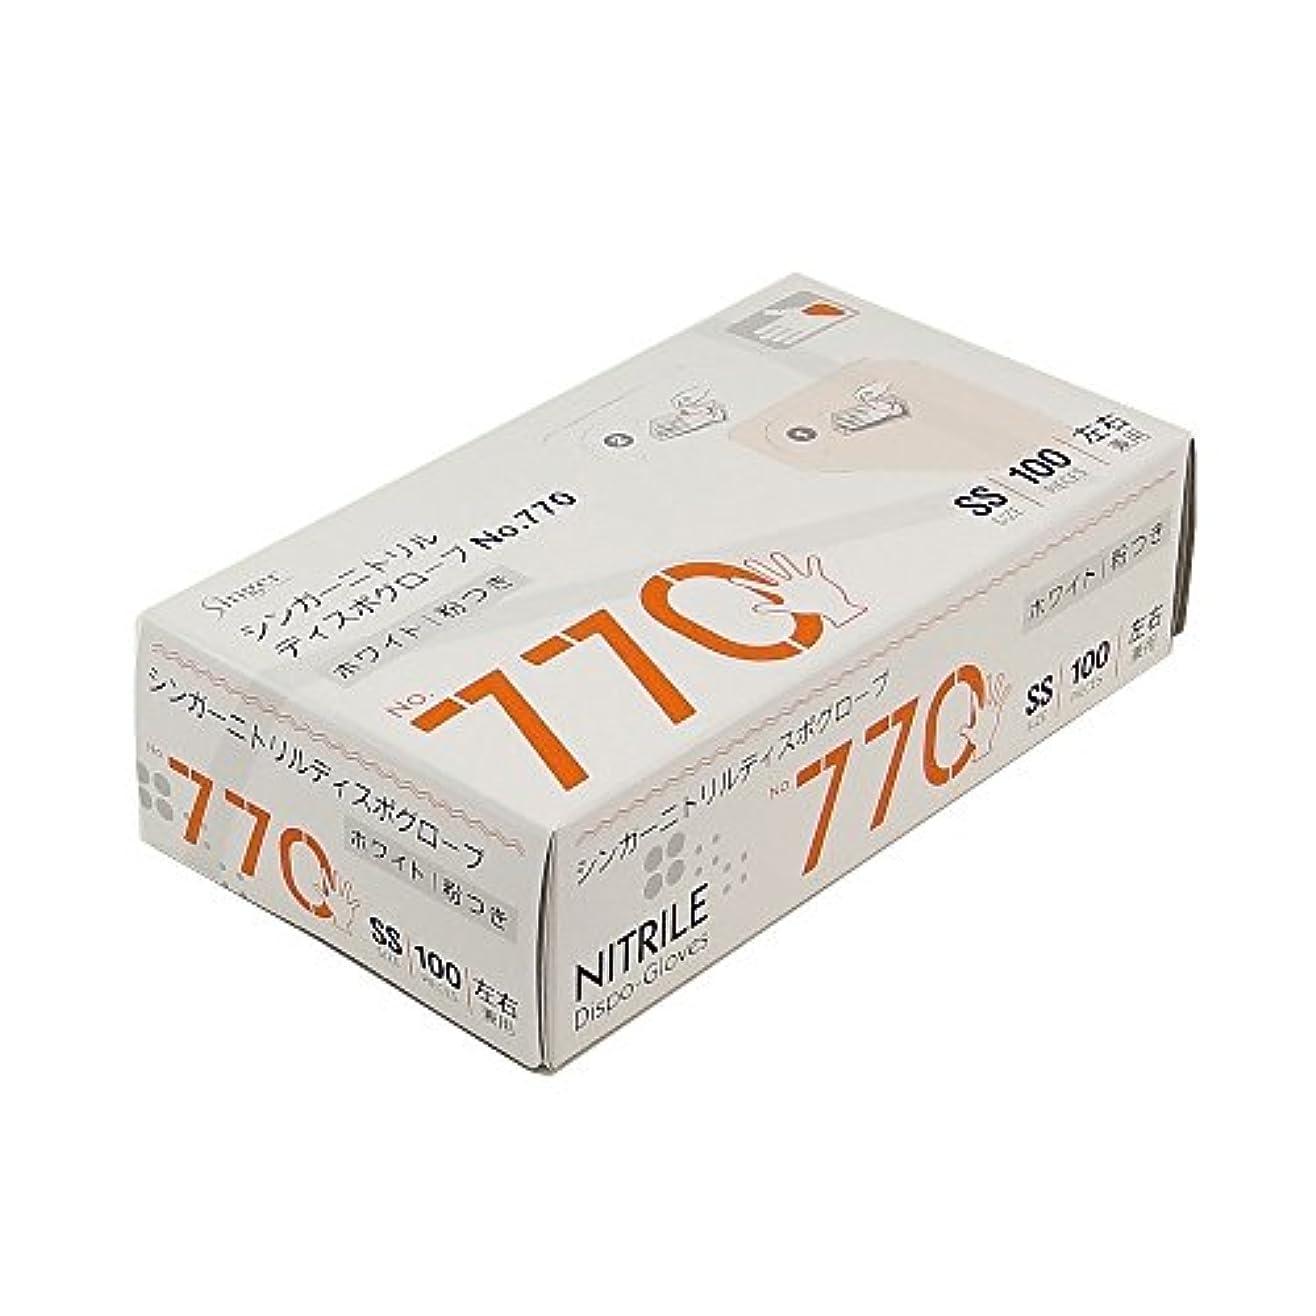 大声でアテンダント覚えている宇都宮製作 ディスポ手袋 シンガーニトリルディスポグローブ No.770 ホワイト 粉付 100枚入  SS